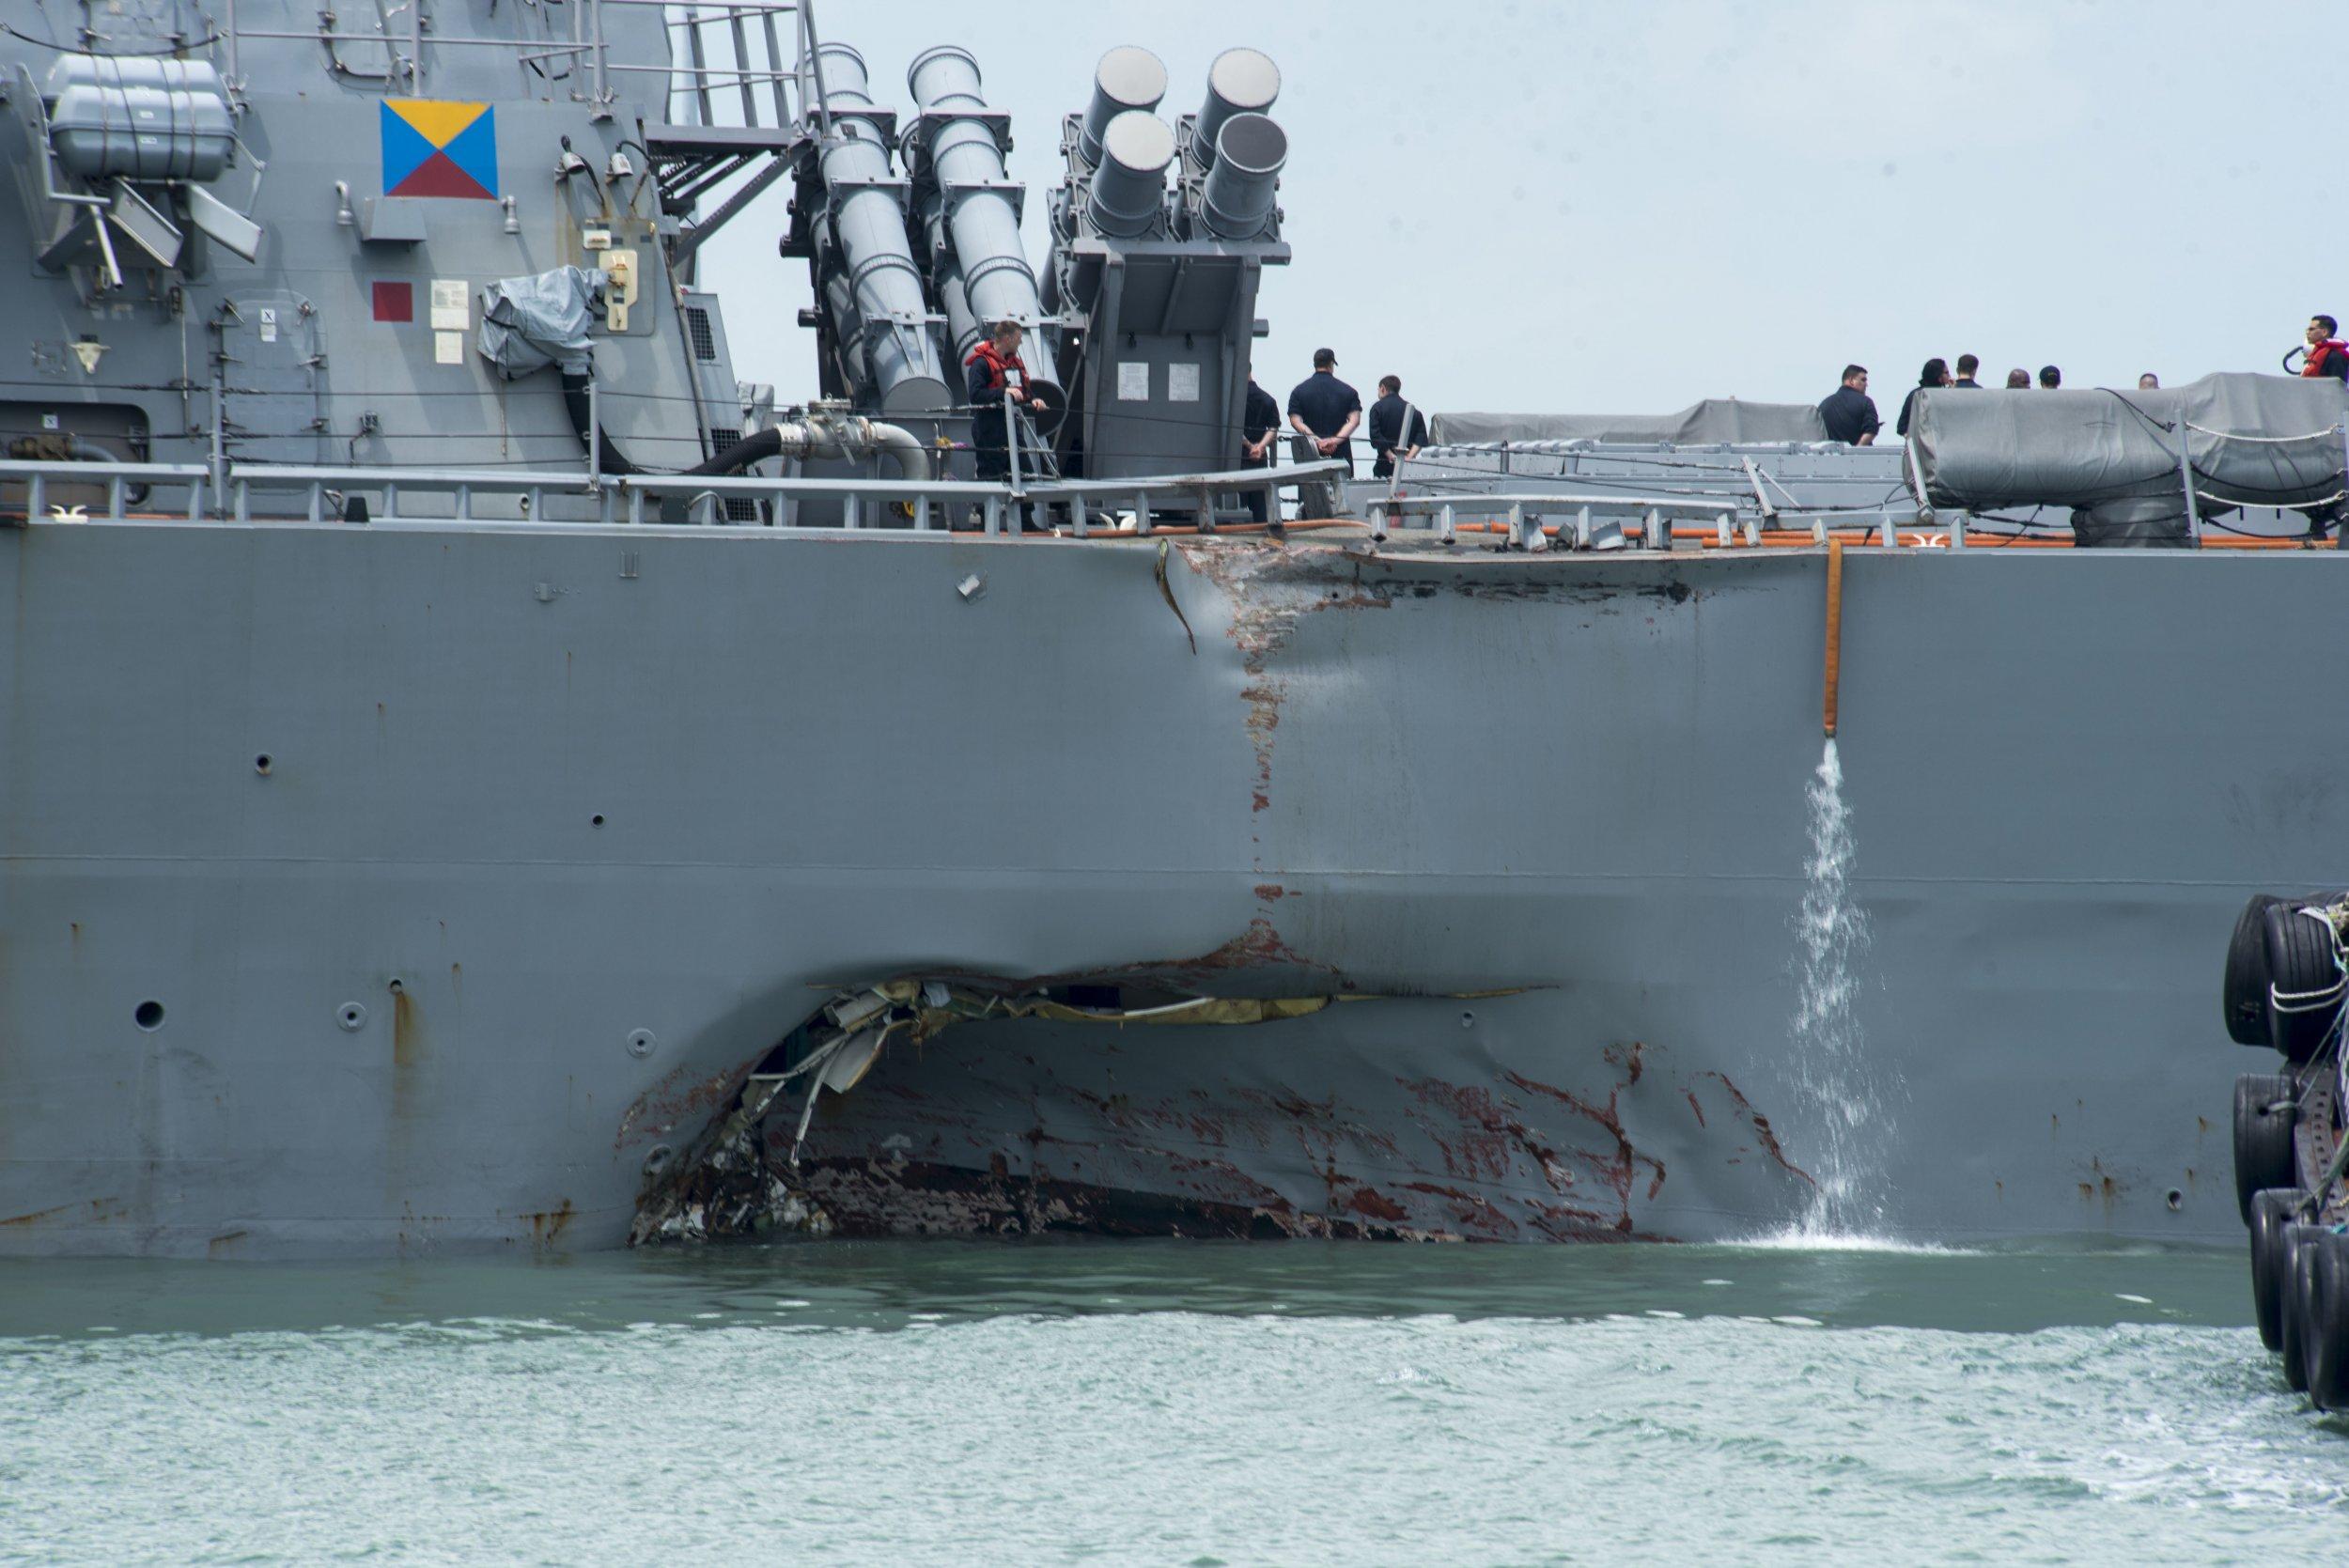 01_17_US_Navy_accident